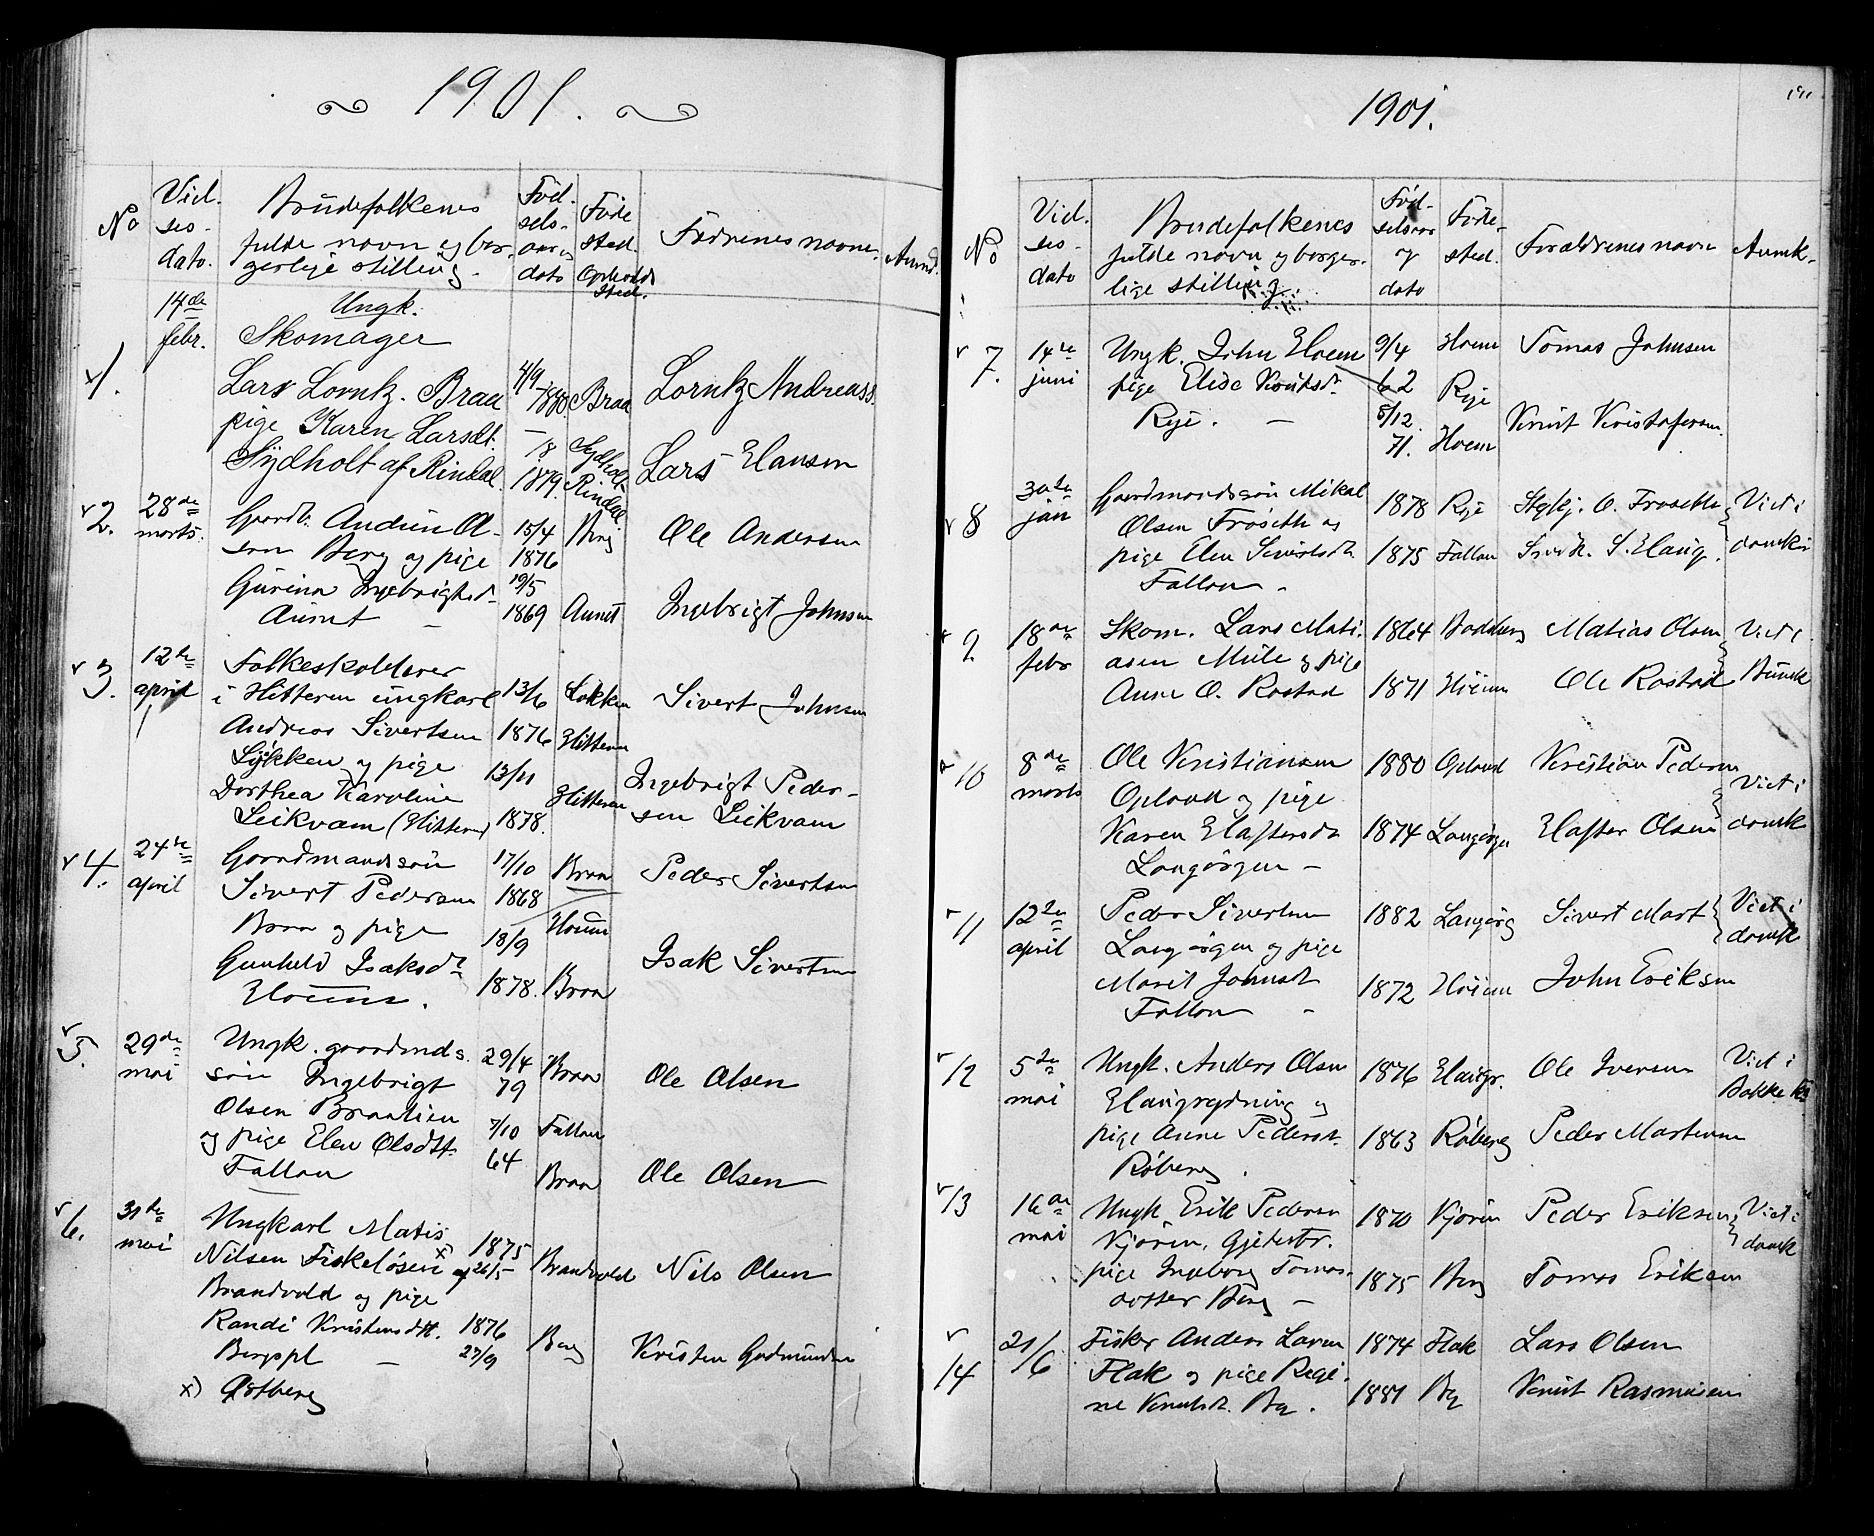 SAT, Ministerialprotokoller, klokkerbøker og fødselsregistre - Sør-Trøndelag, 612/L0387: Klokkerbok nr. 612C03, 1874-1908, s. 191